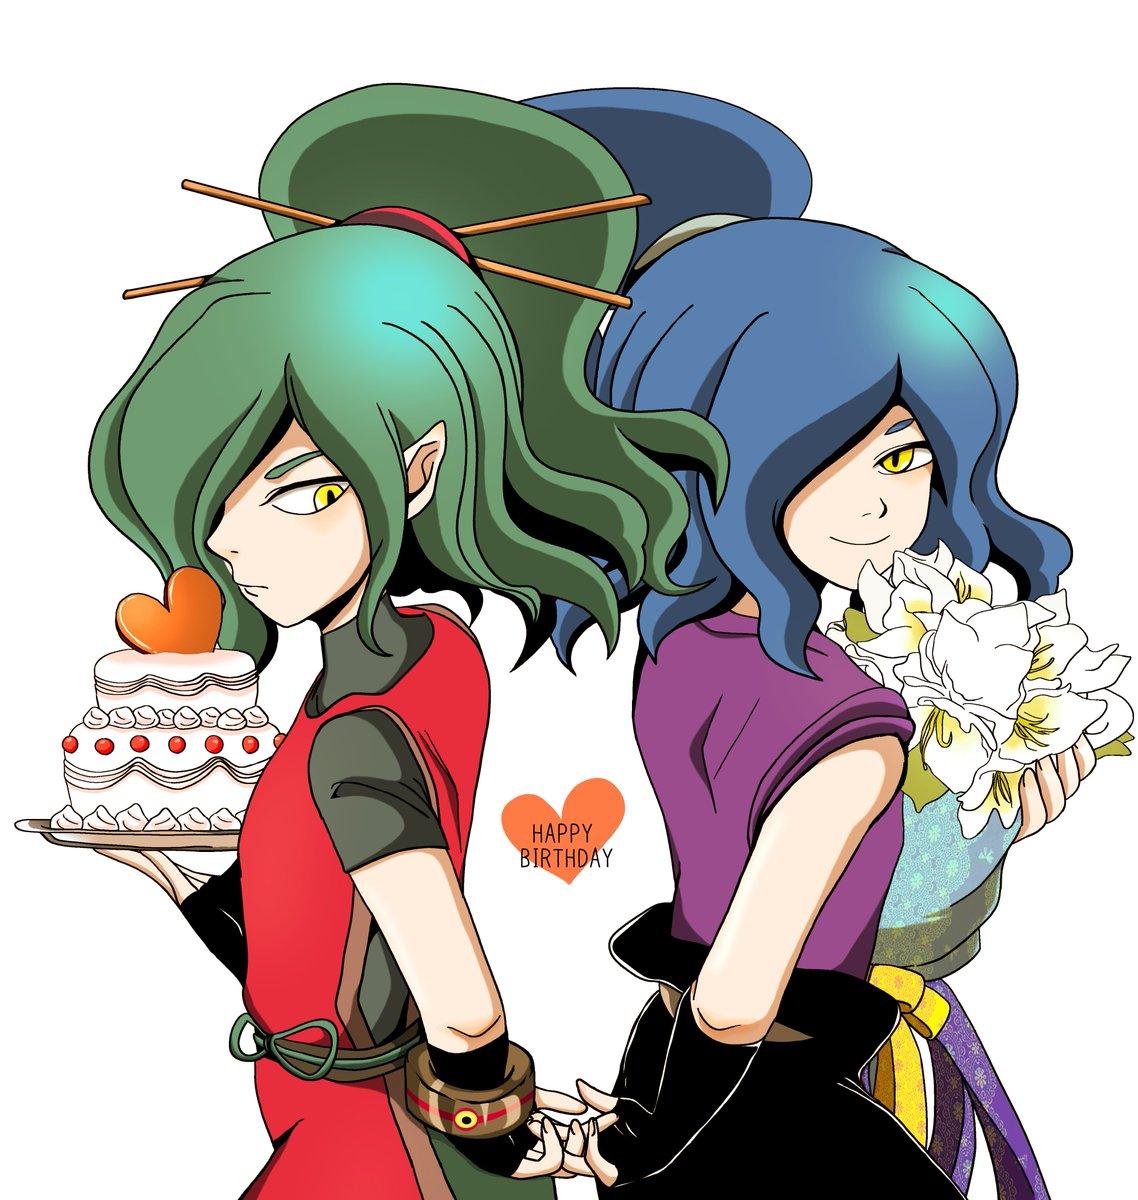 幻 On Twitter At Pemooooo お誕生日おめでとうございます お祝いに